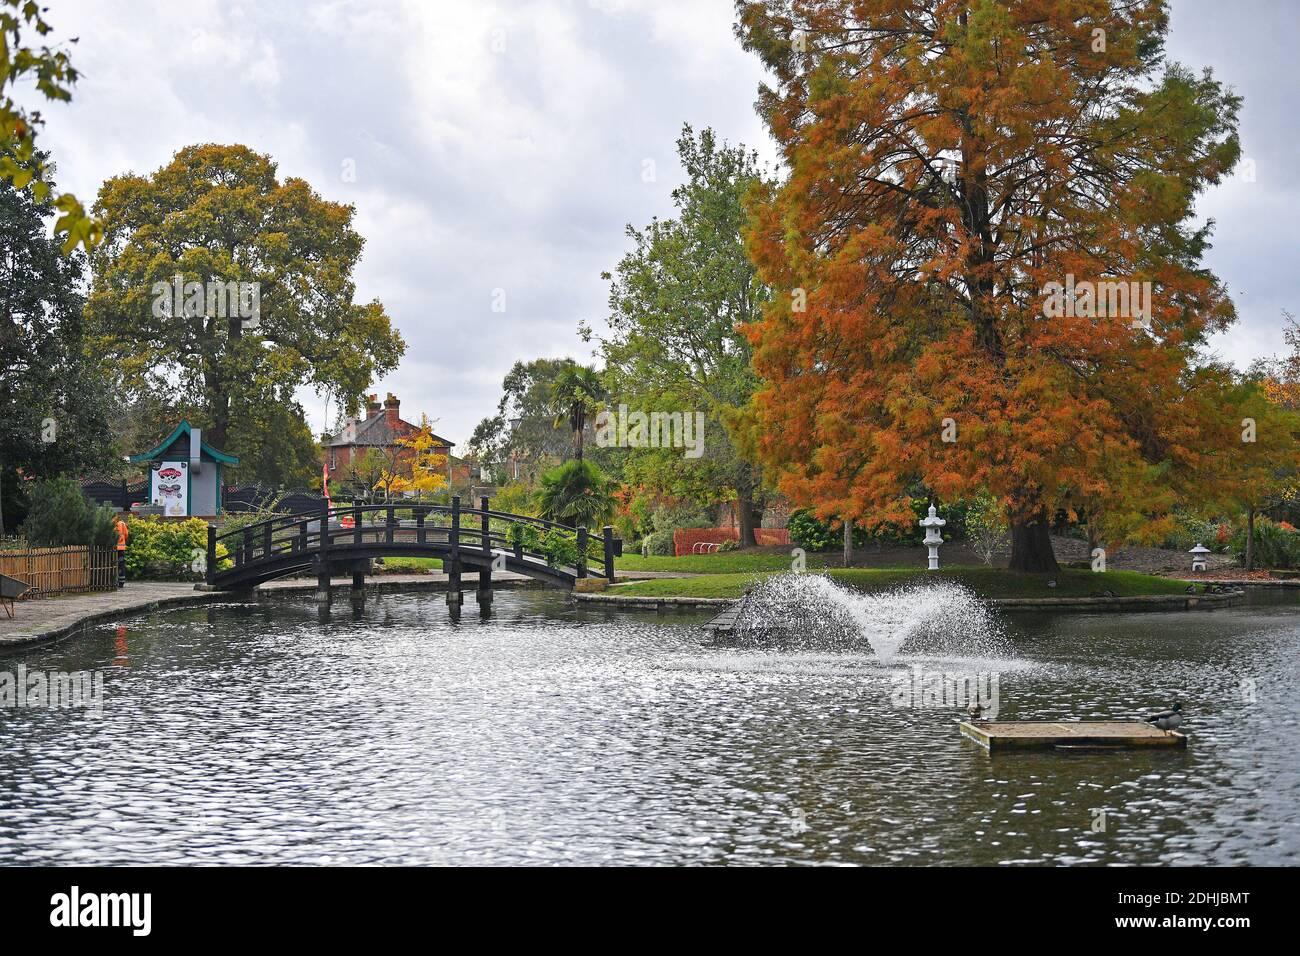 Feature on Stoke Park, Guildford - Herbstfarben, wie die Arbeiten zur Wiederherstellung und Verbesserung der orientalischen Gärten fortgesetzt. Guildford, Surrey. Bild aufgenommen am 20. Oktober 2020 Stockfoto